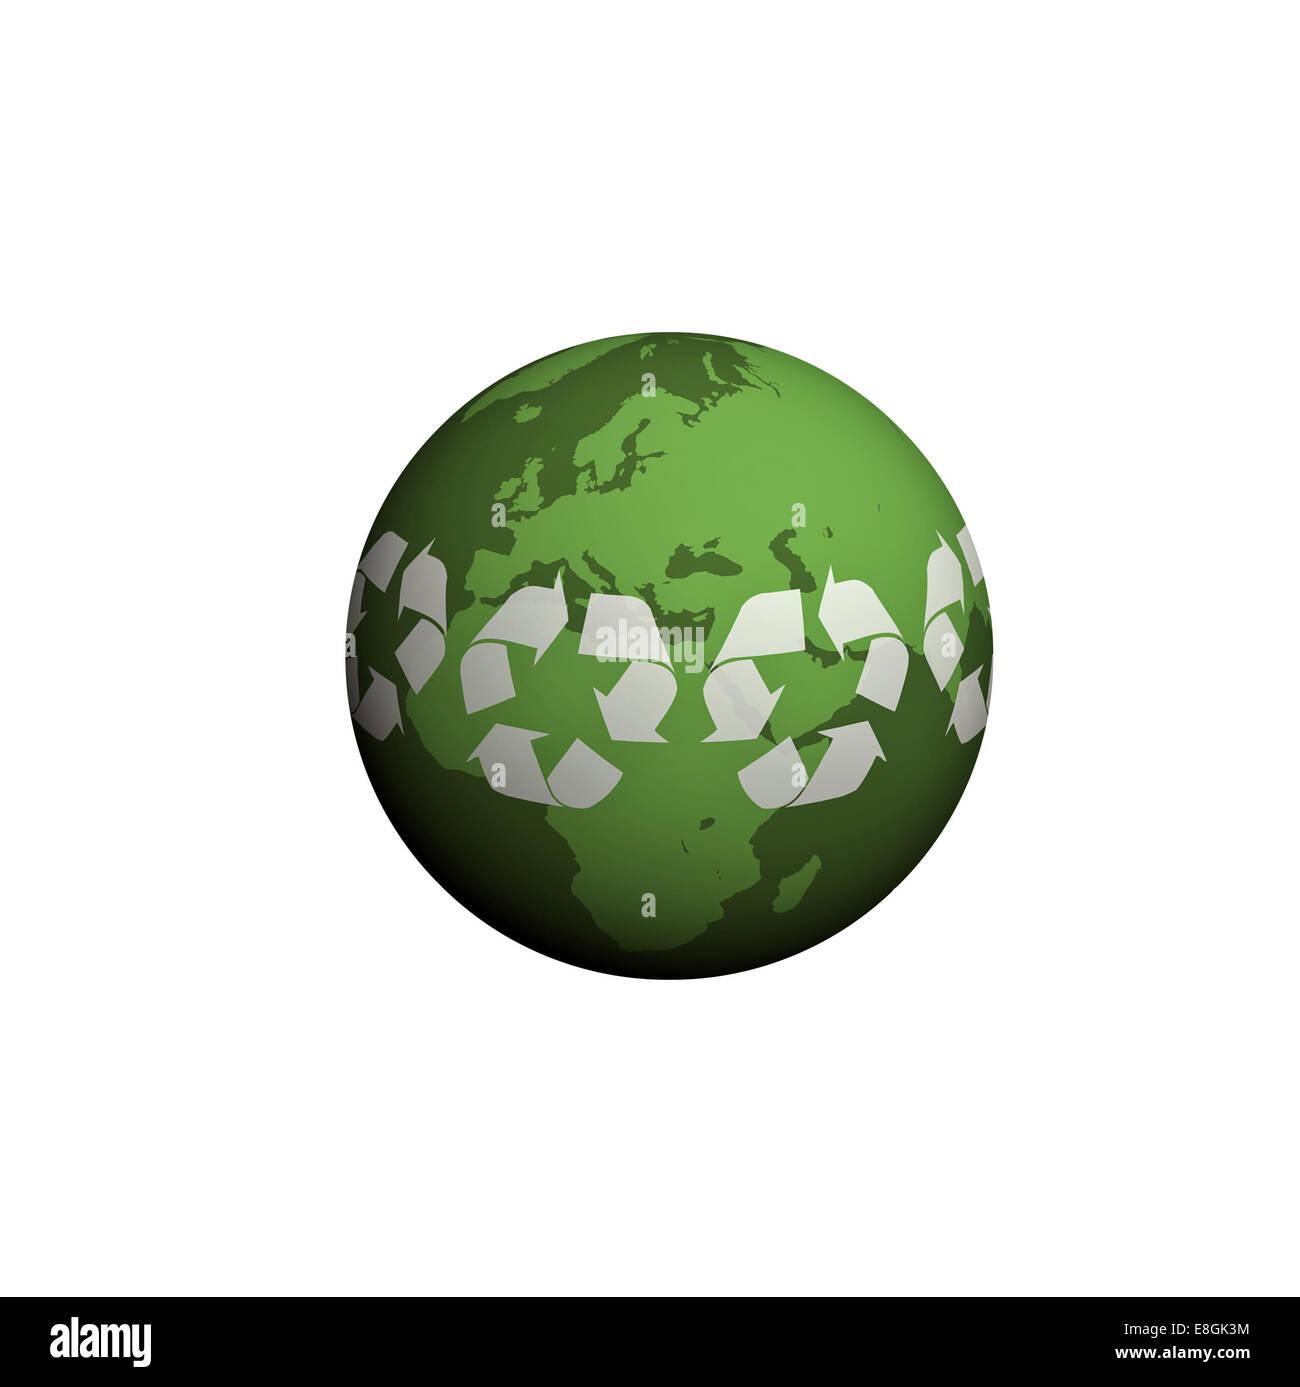 Imagen generada digitalmente del planeta tierra, mundo verde Imagen De Stock